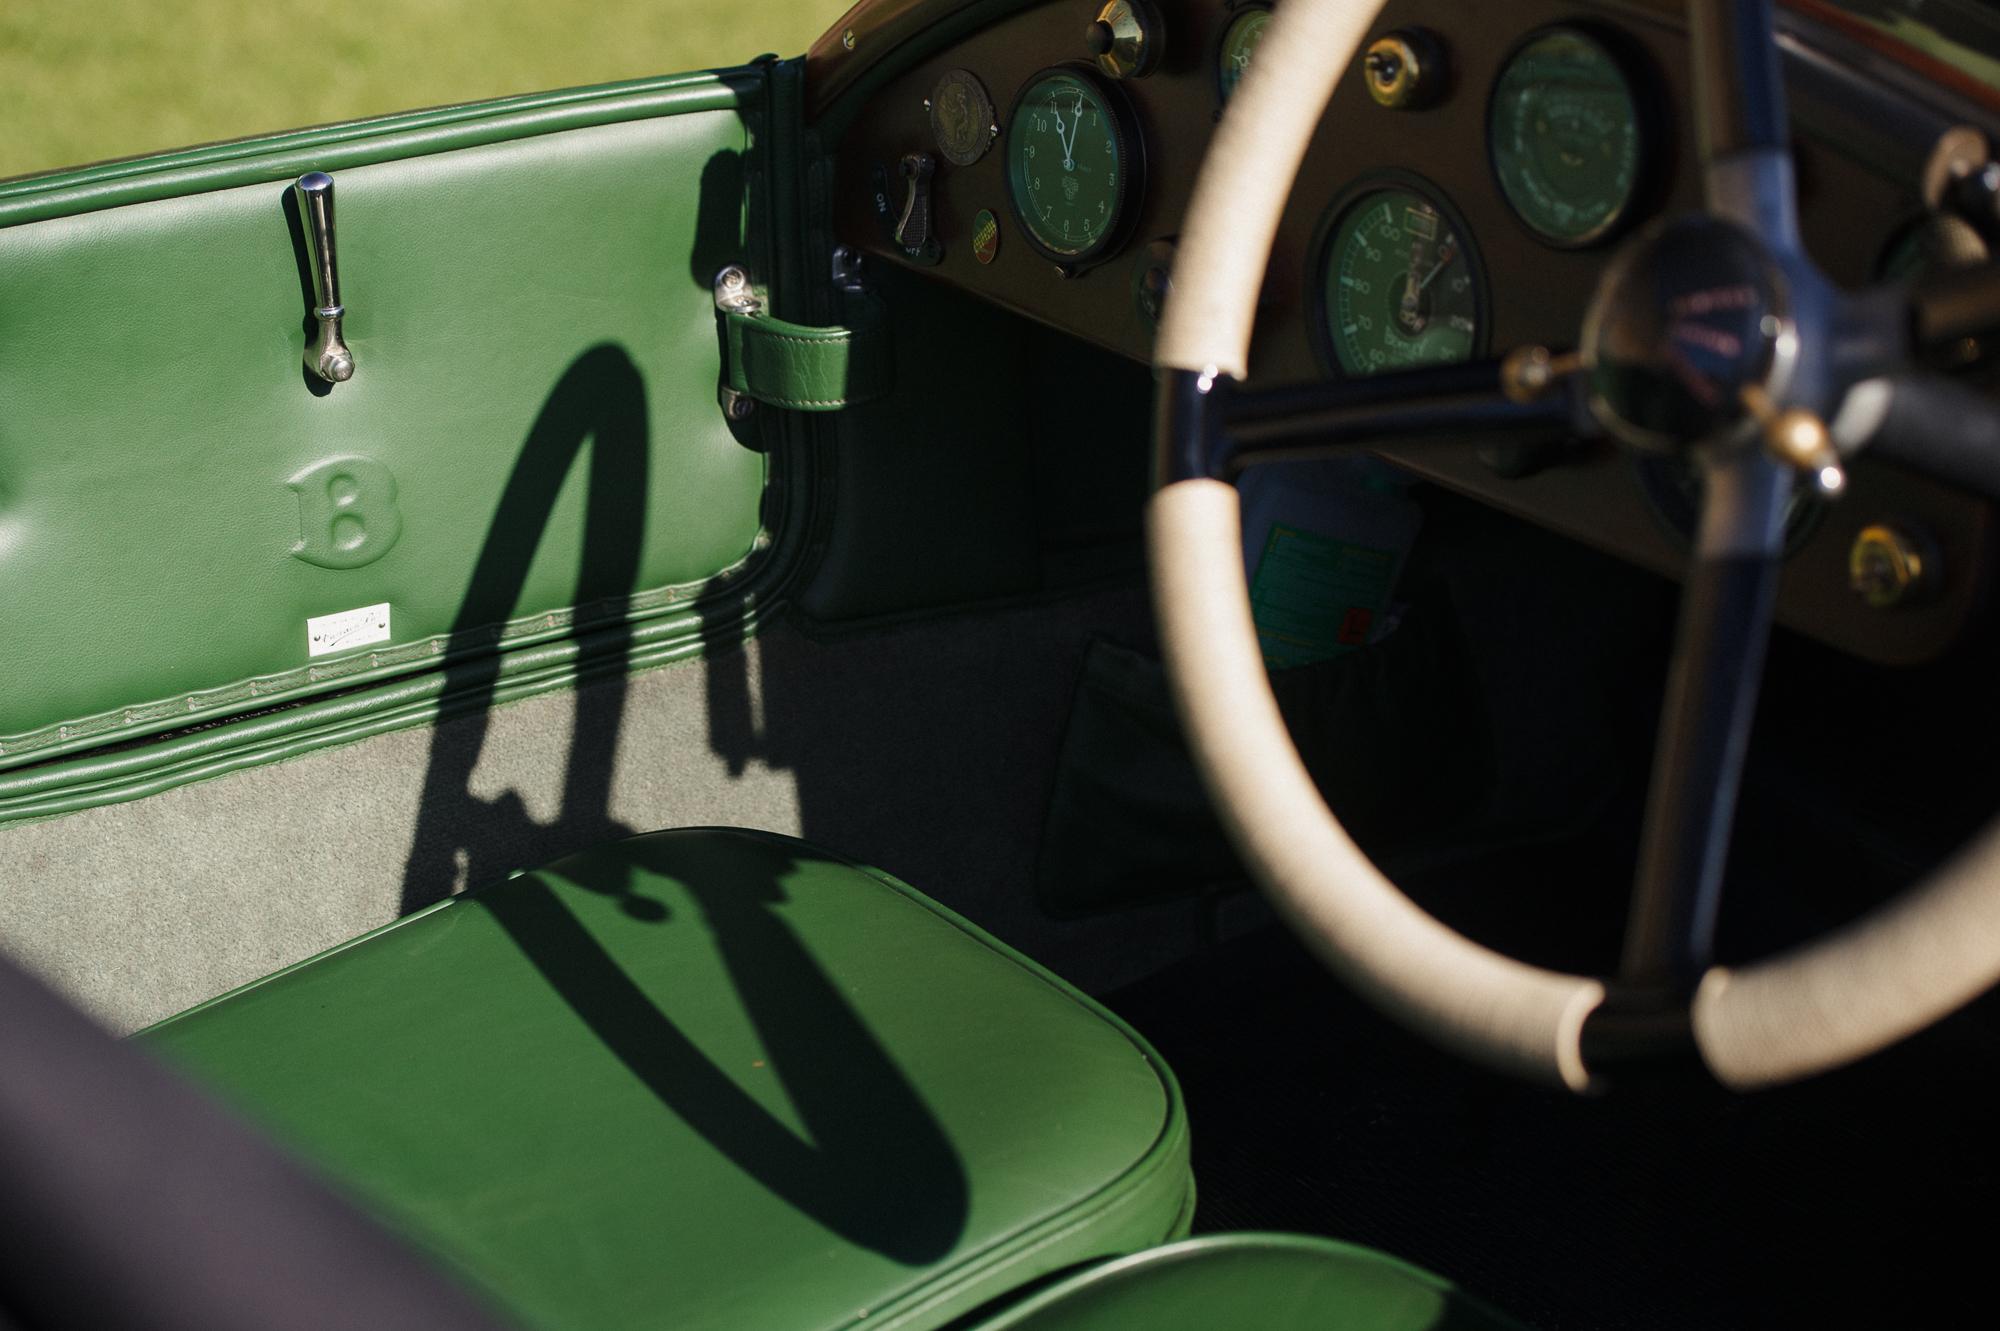 Bentley_3-4.5_LeMans_020.jpg